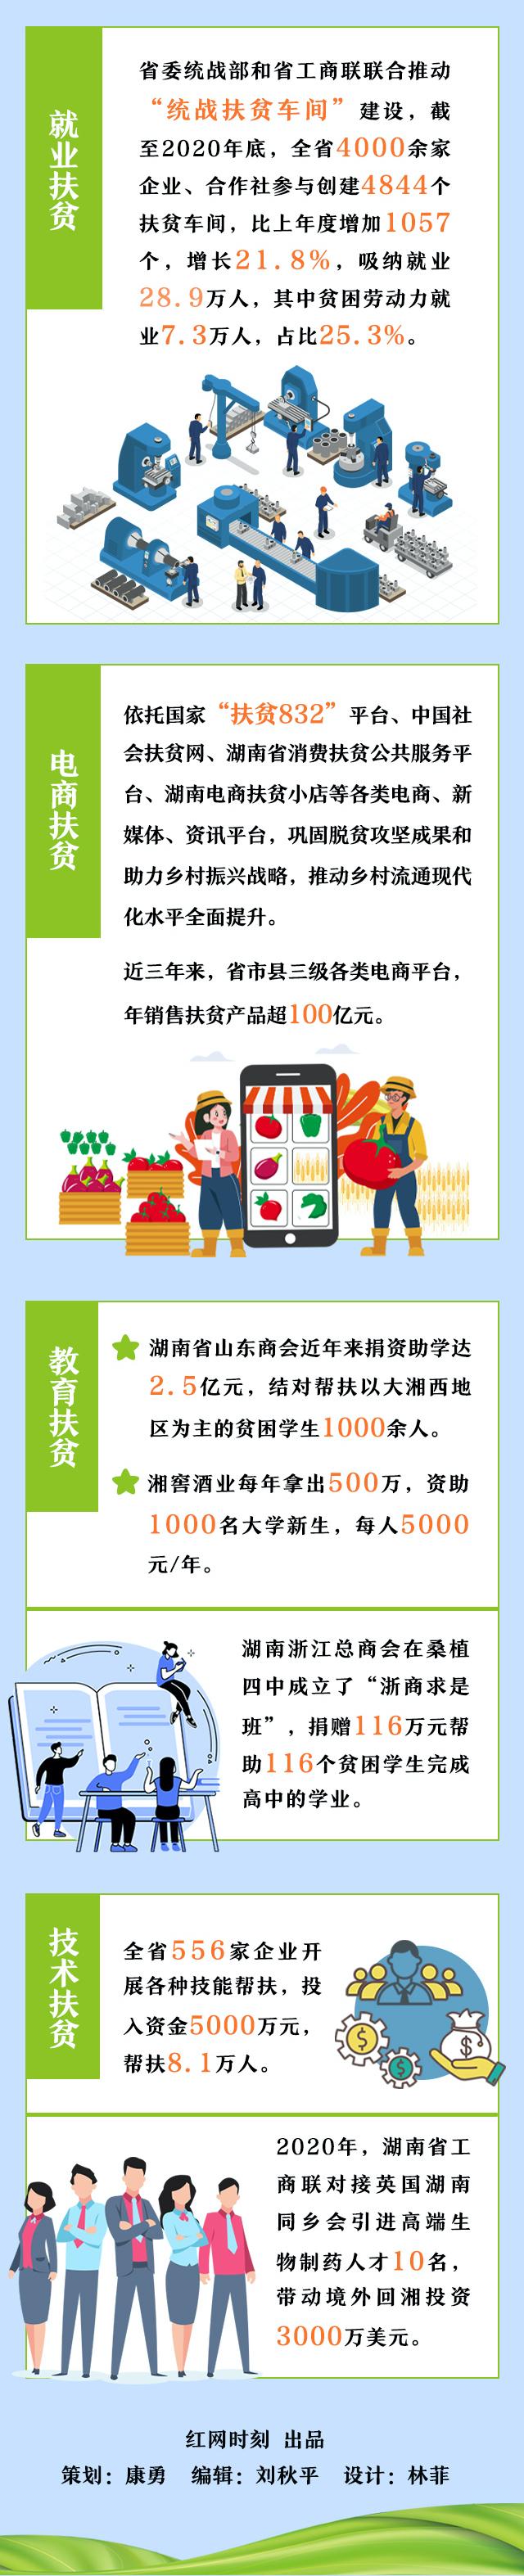 湘商扶贫图解4.jpeg